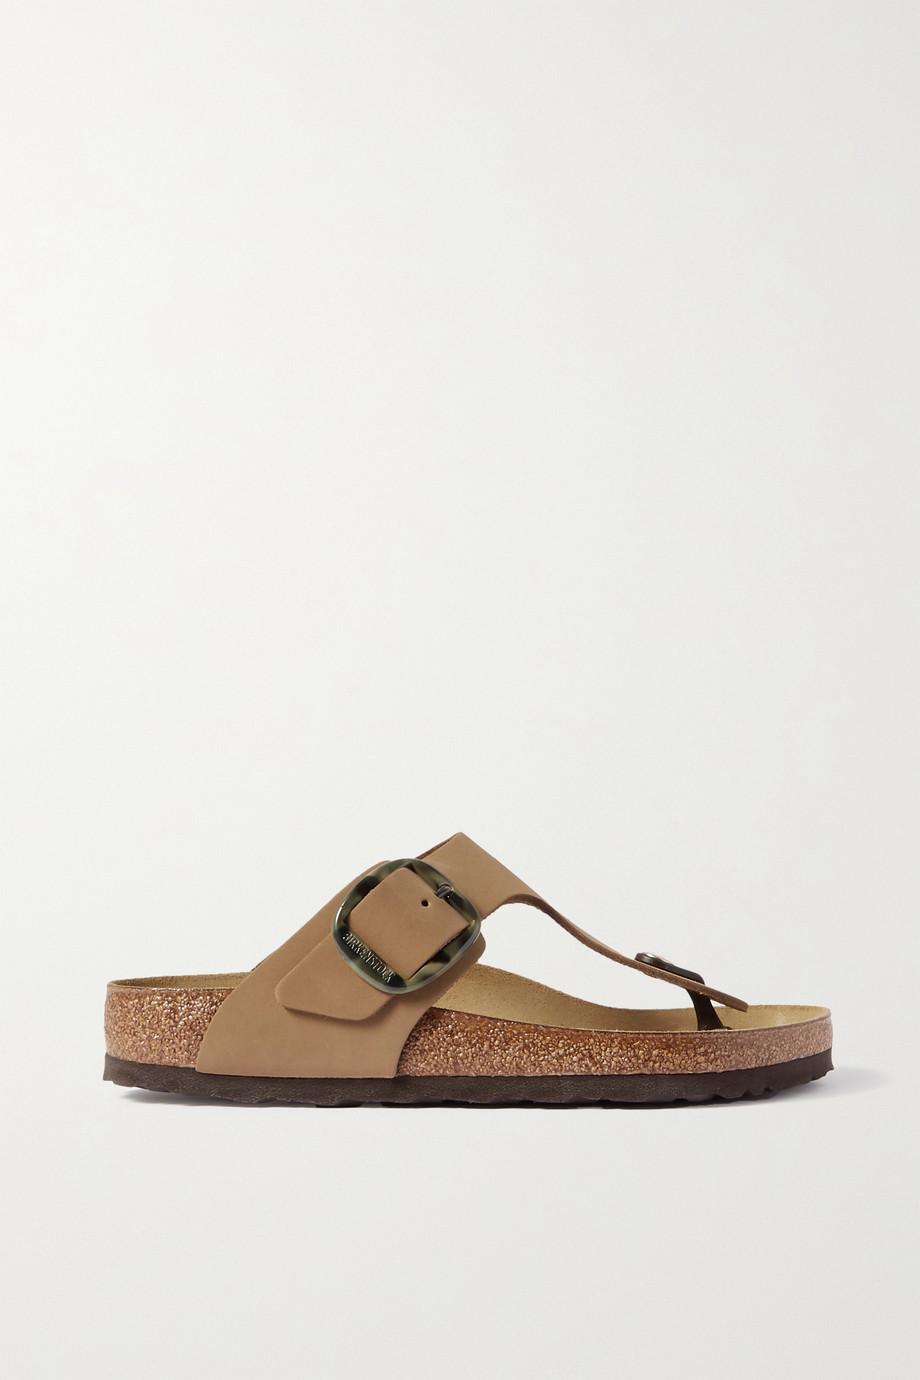 Birkenstock Gizeh nubuck sandals